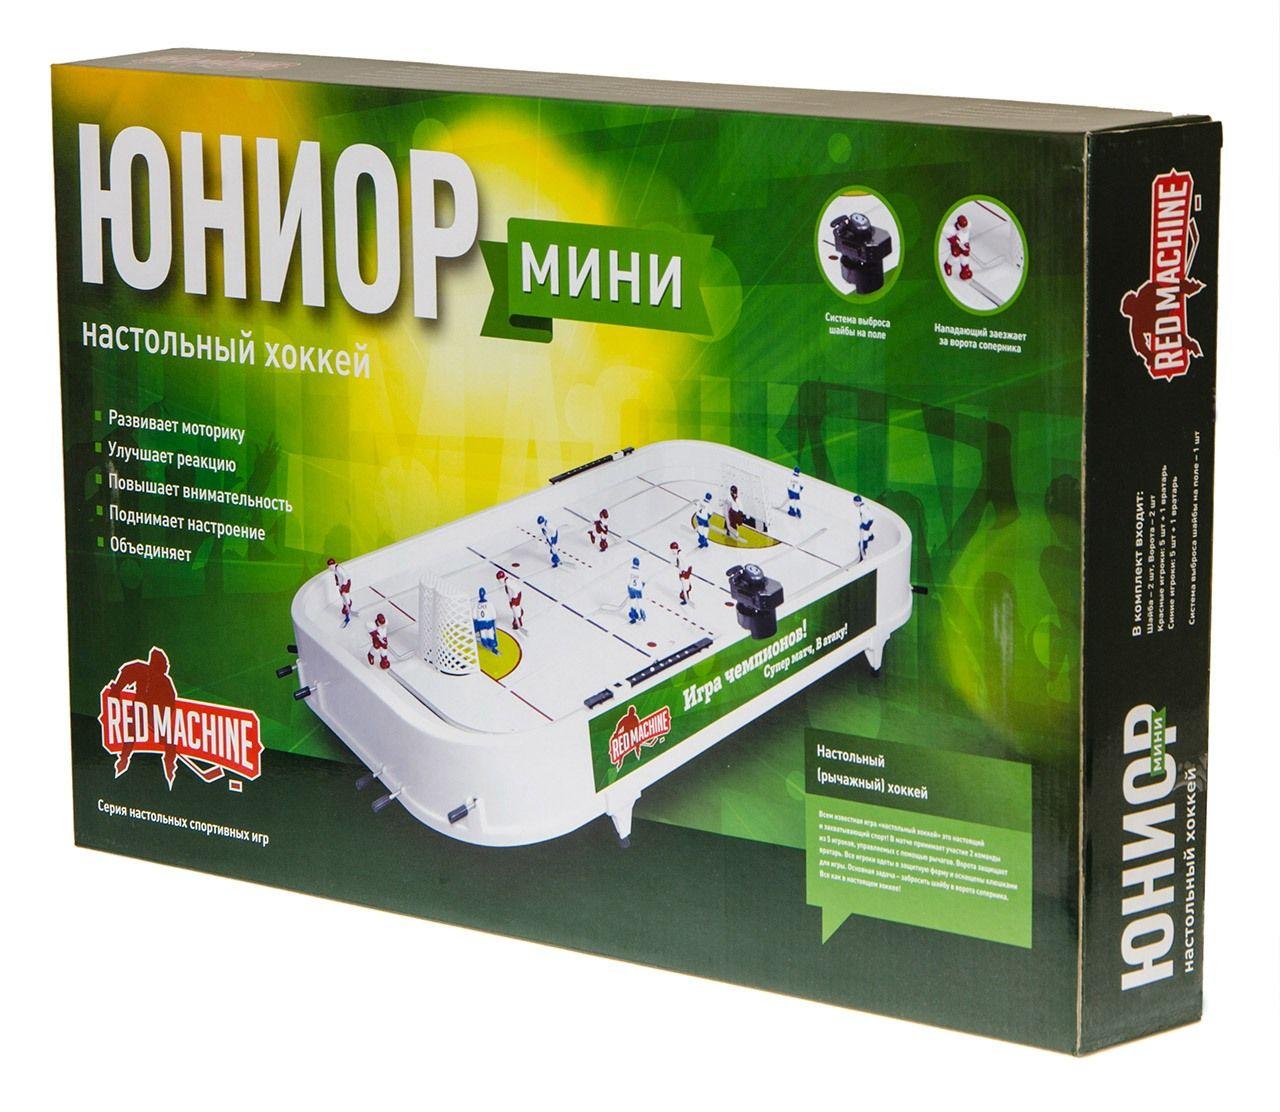 """Настольный хоккей Red Machine """"Юниор Мини"""""""